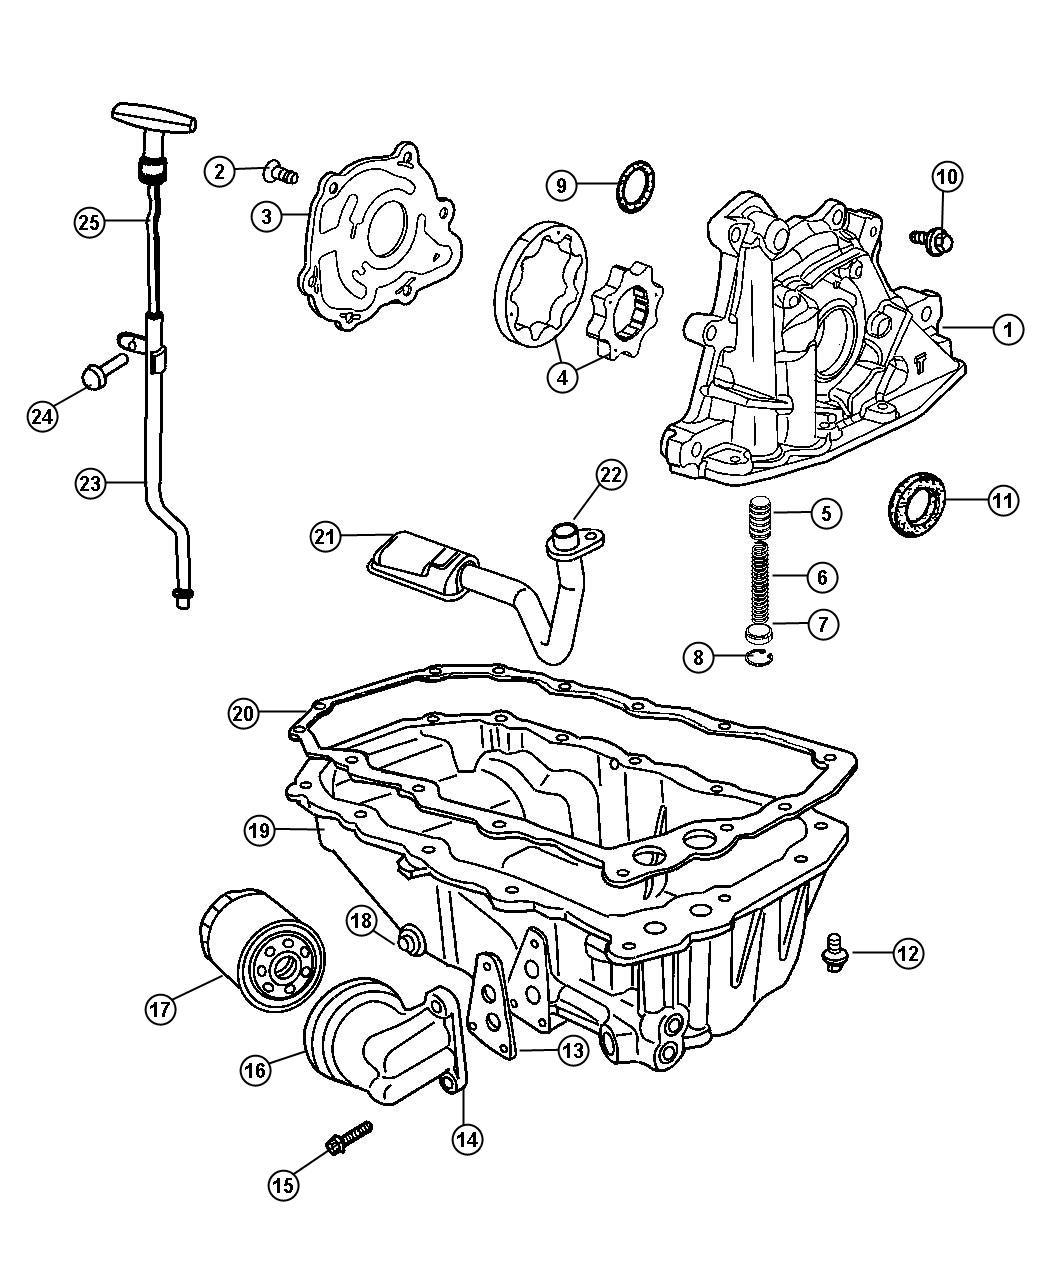 Chrysler Pt Cruiser Indicator Engine Oil Level